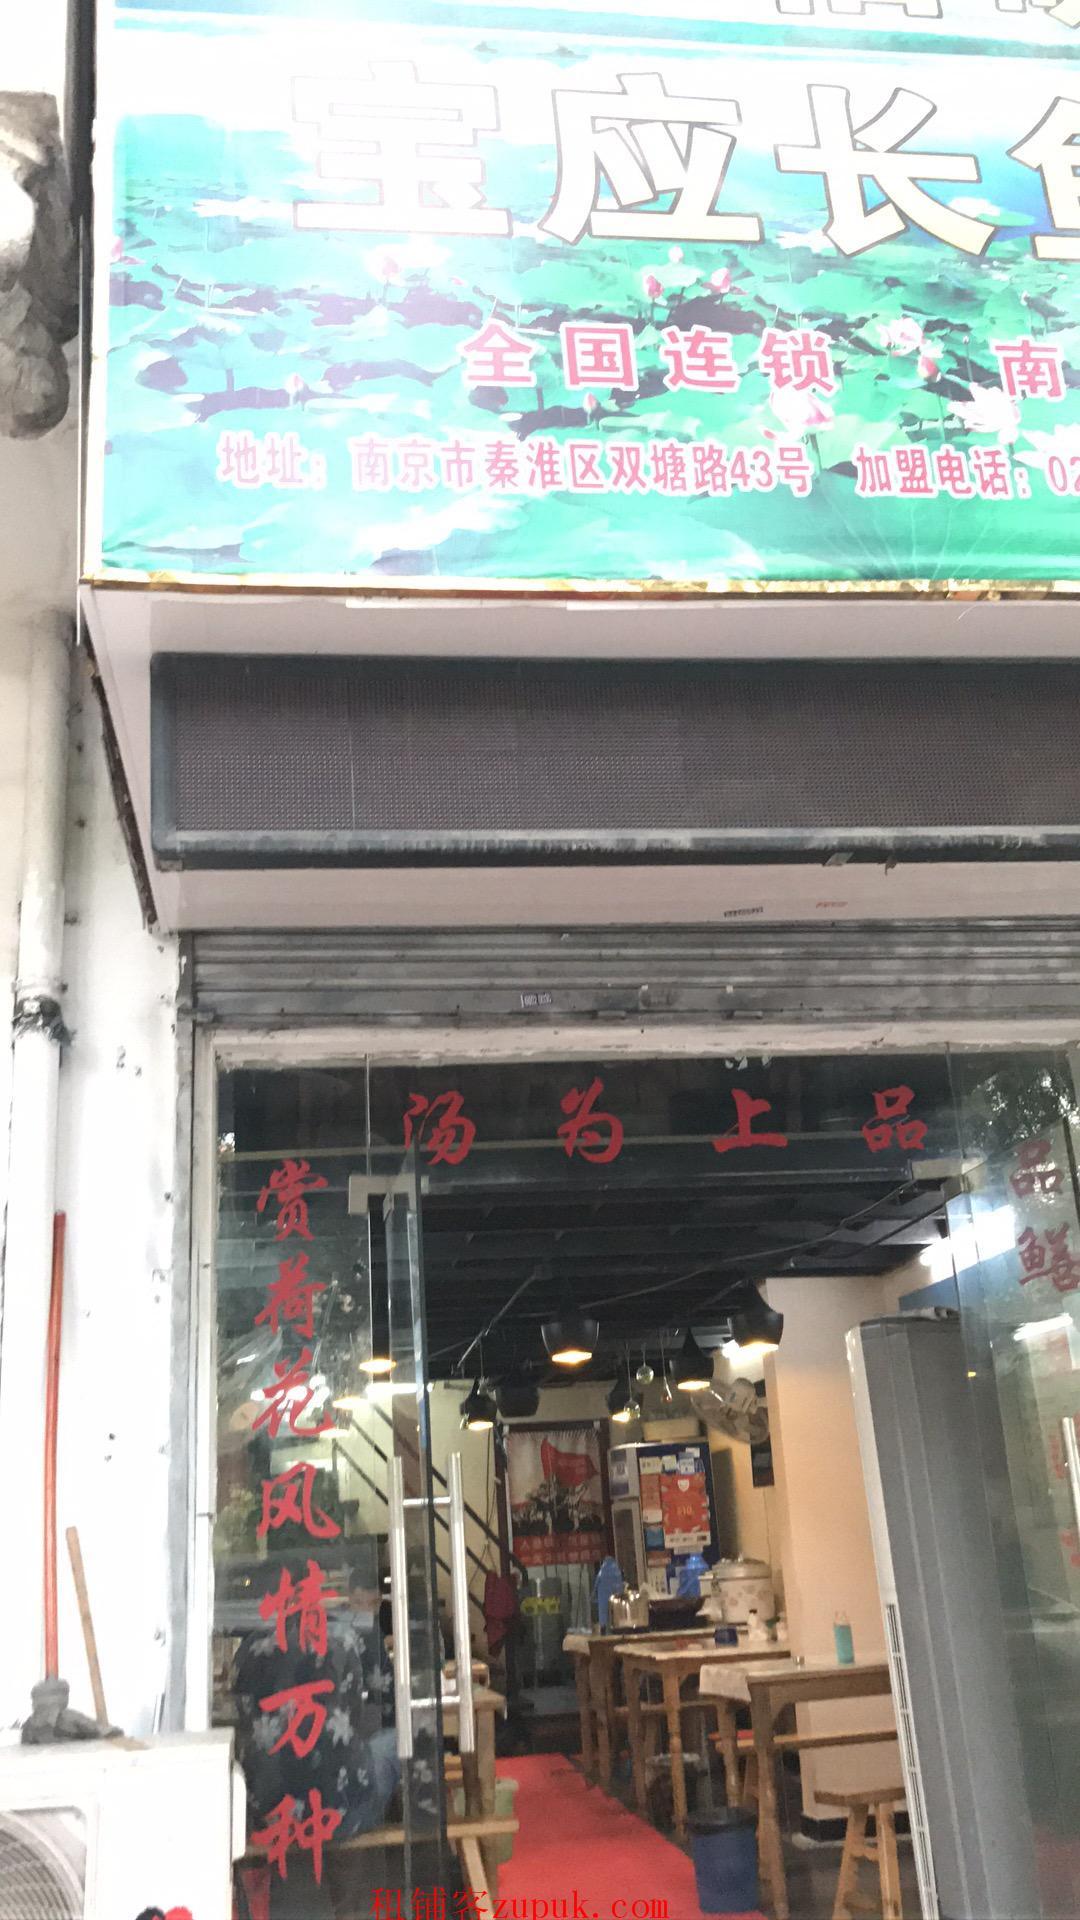 秦淮区靠近夫子庙附近餐饮点转让